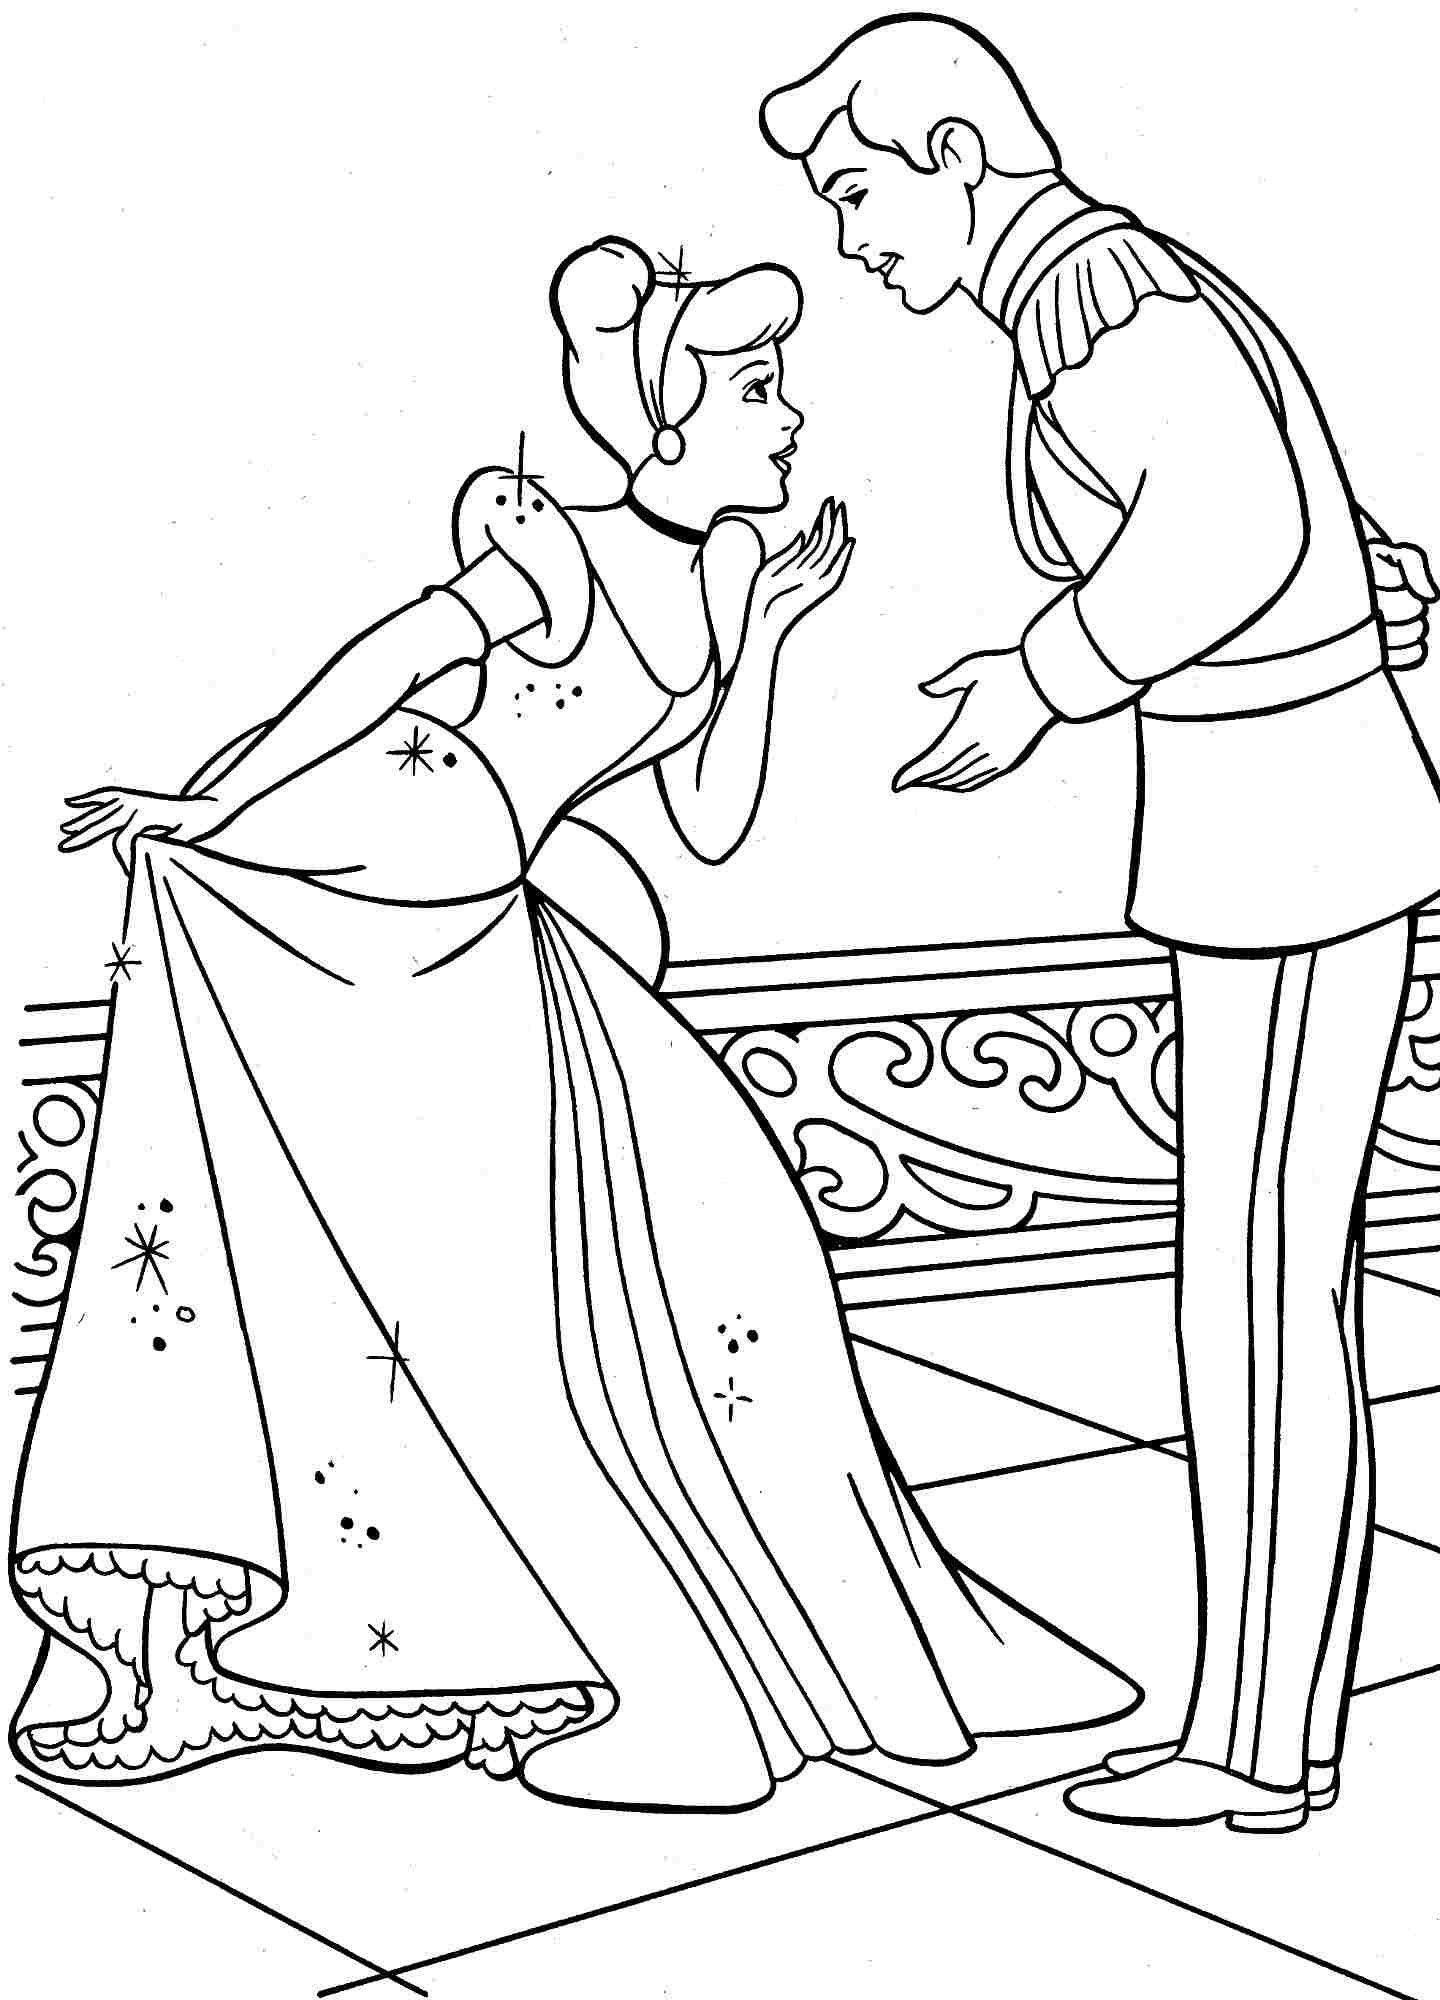 Cinderella Coloring Pages Games